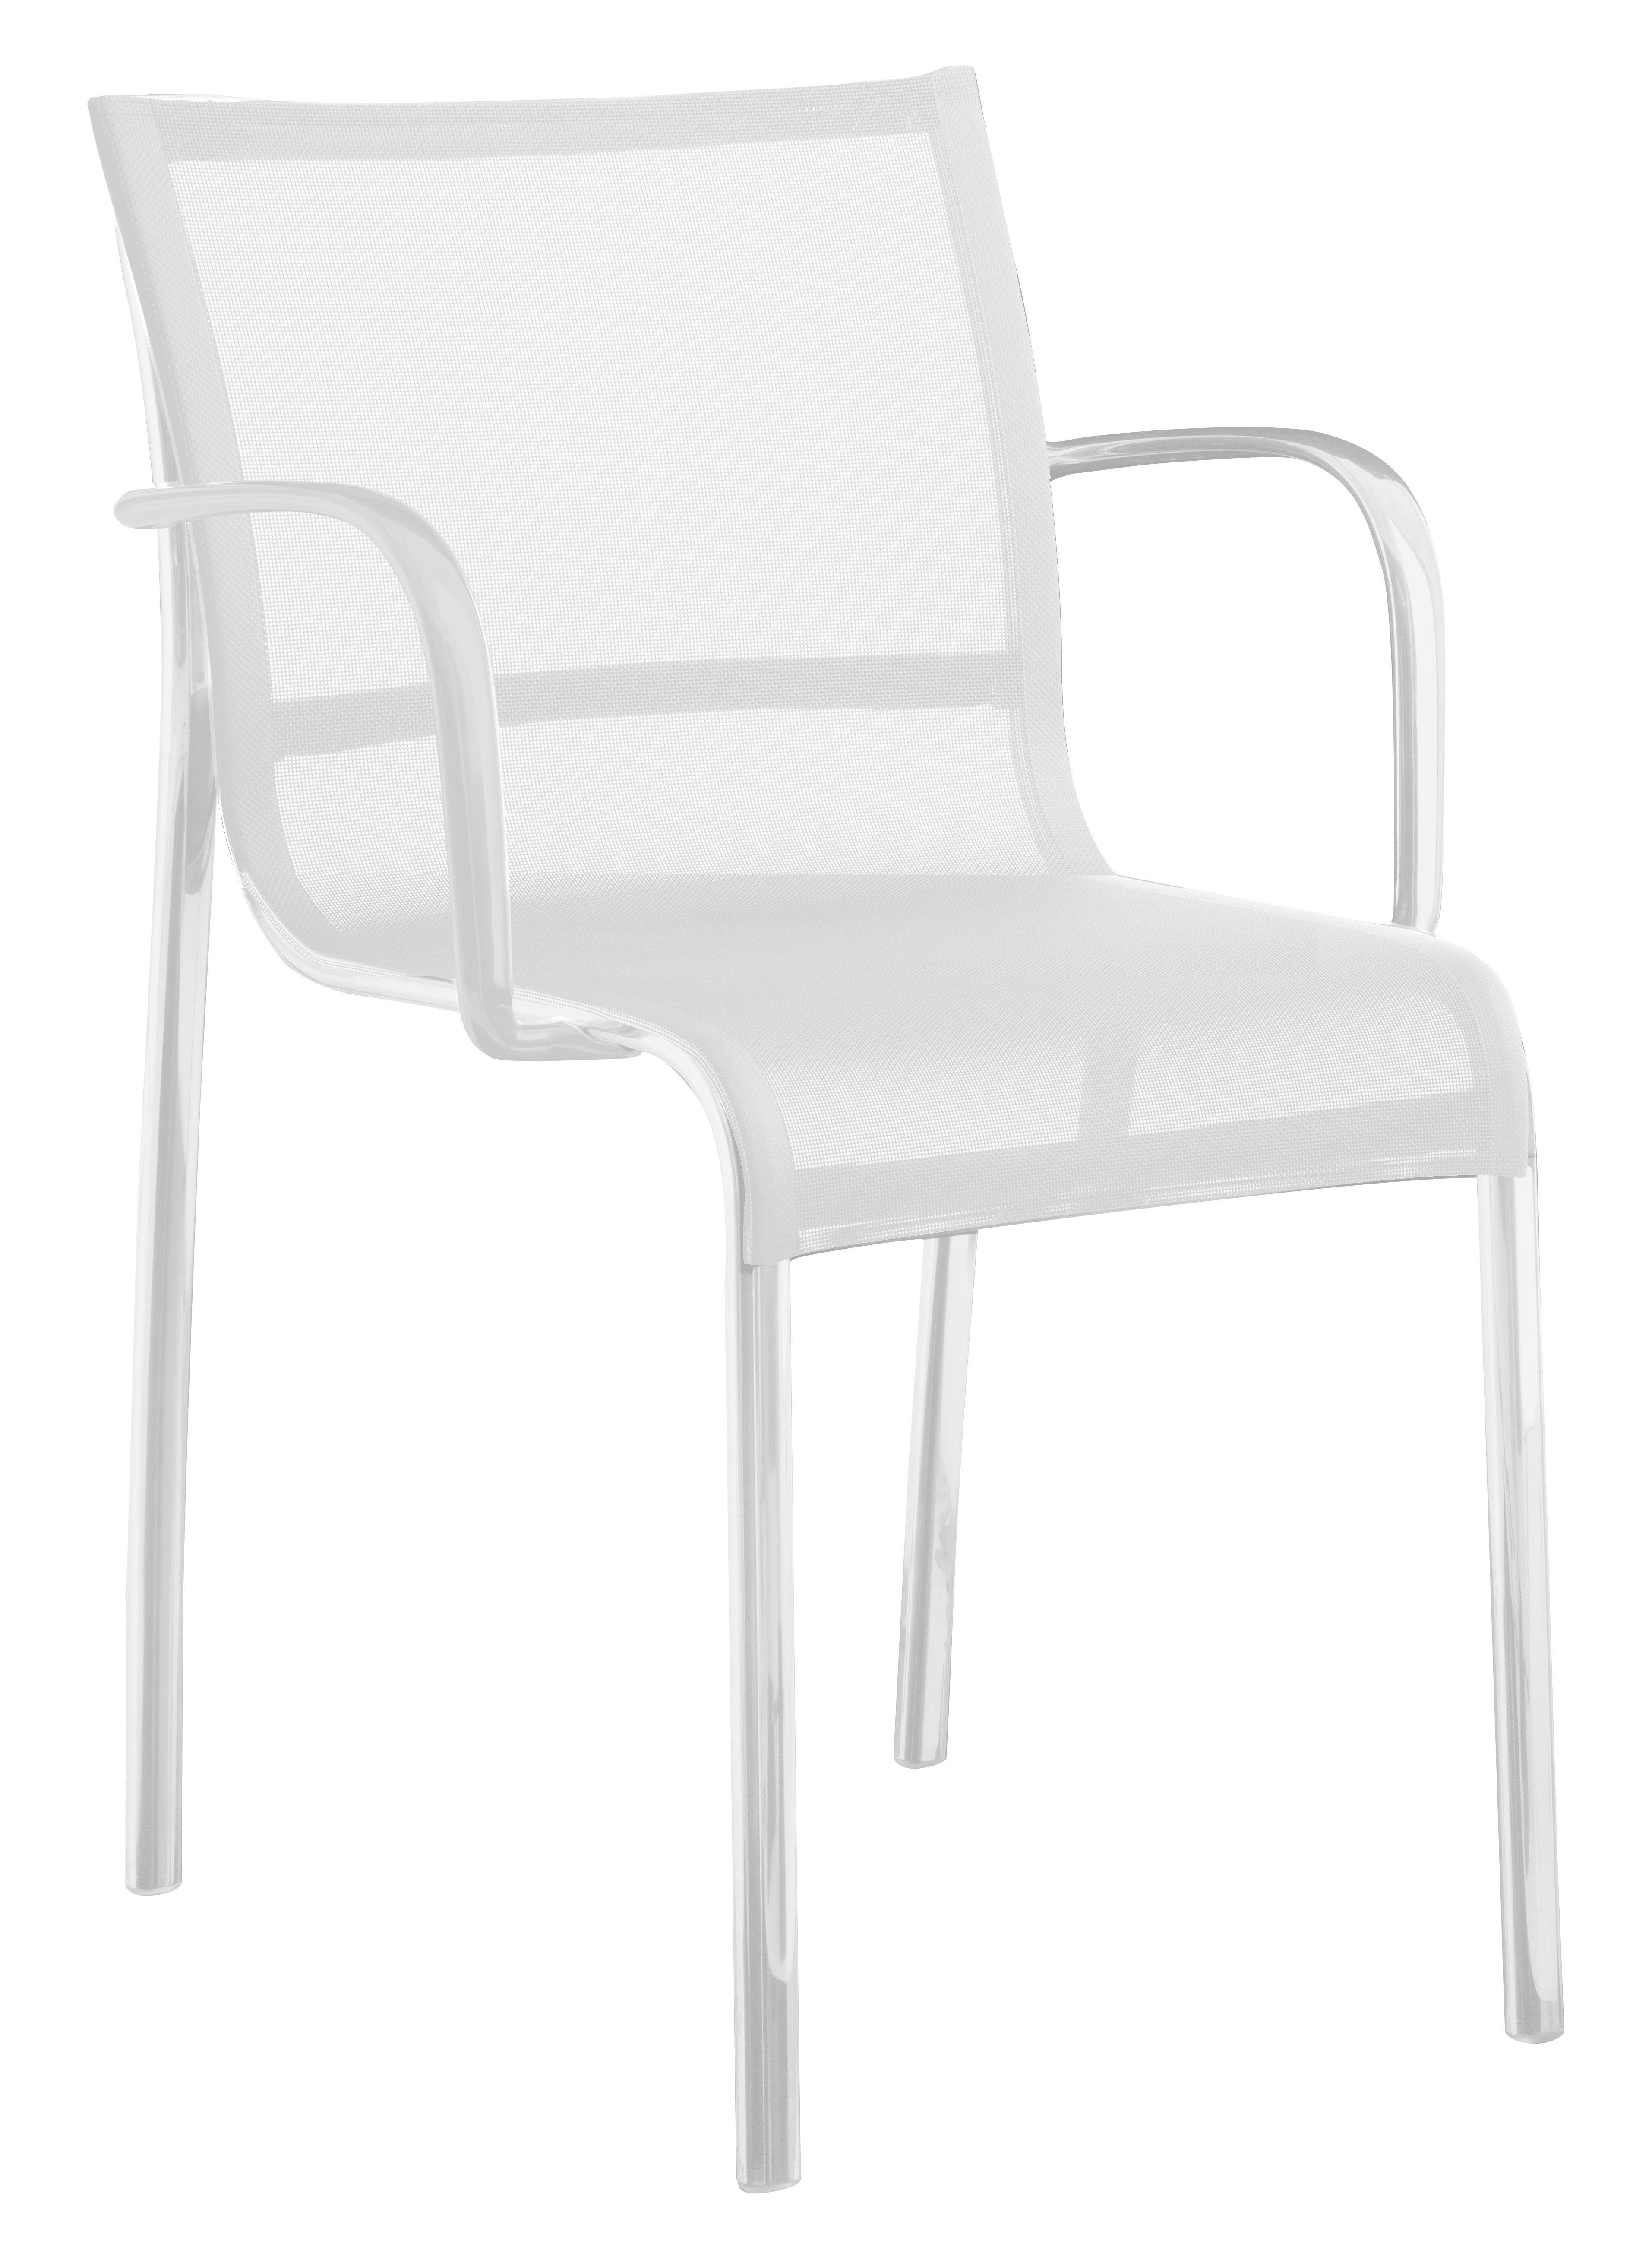 Mobilier - Chaises, fauteuils de salle à manger - Fauteuil empilable Paso Doble / Toile - Magis - Blanc / structure blanche - Aluminium verni, Toile